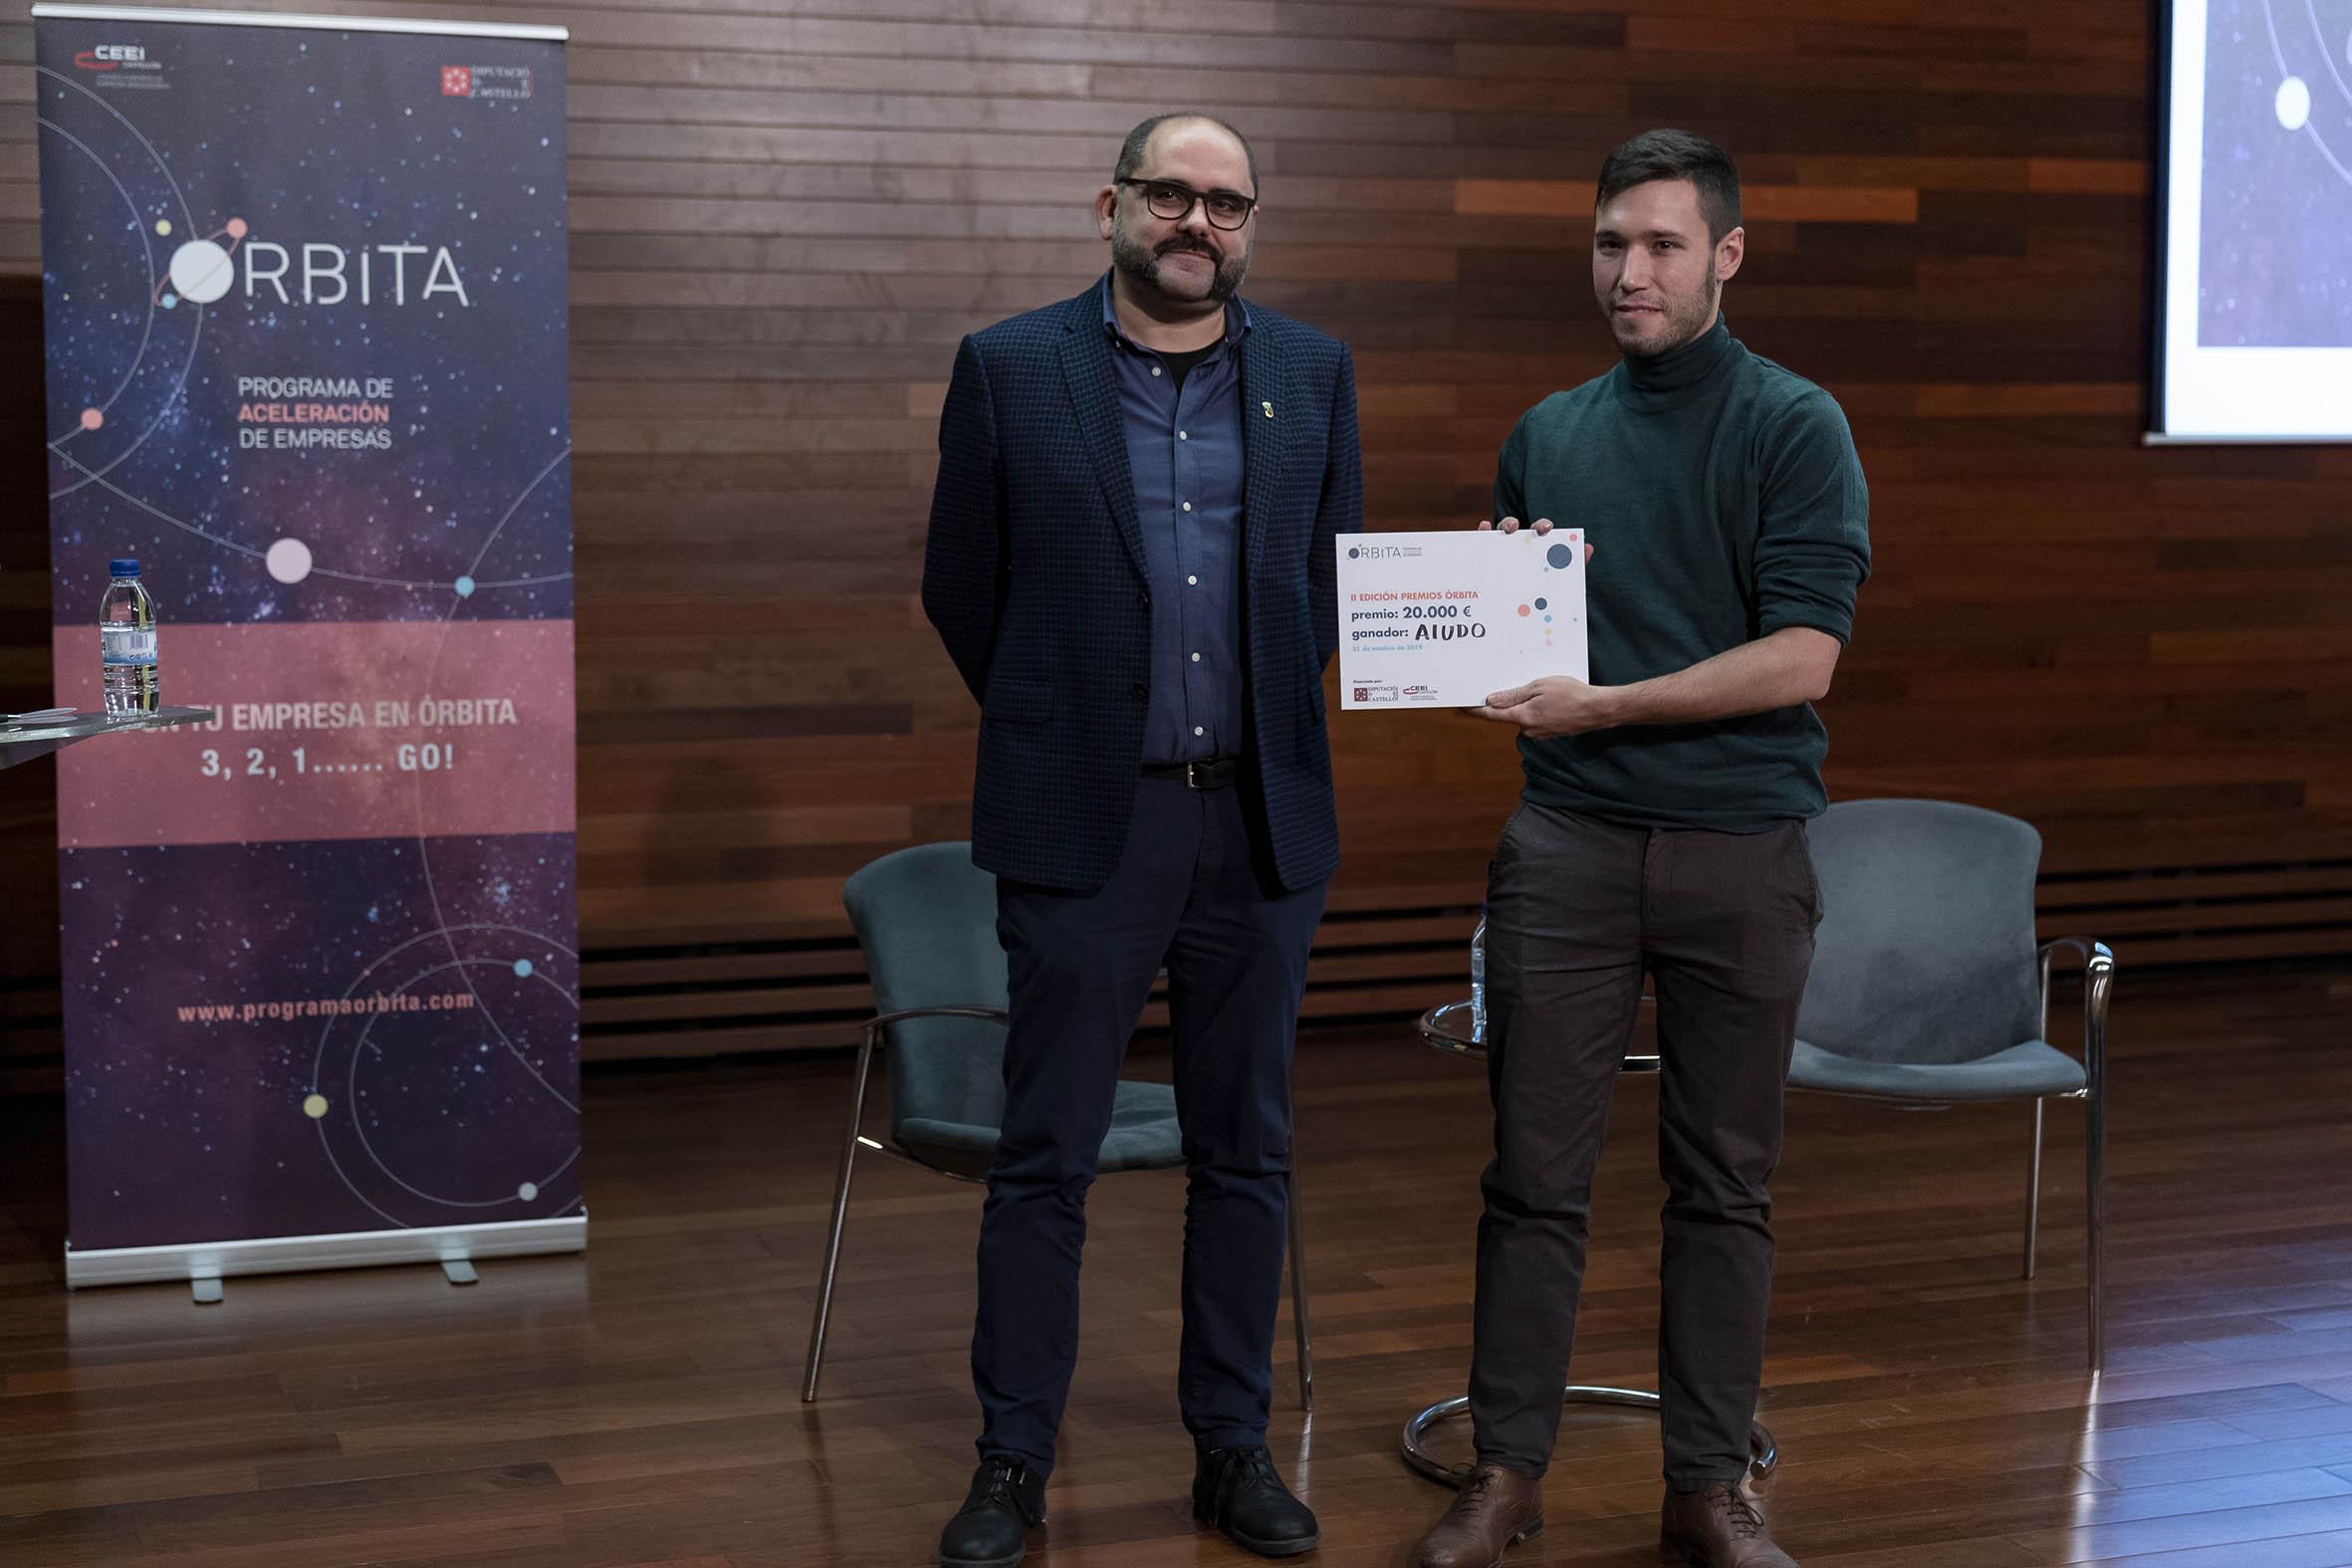 El III Programa Órbita que impulsan la Diputación y el CEEI Castellón rompe récords: 107 candidaturas optan a participar y a sus 100.000 € en premios